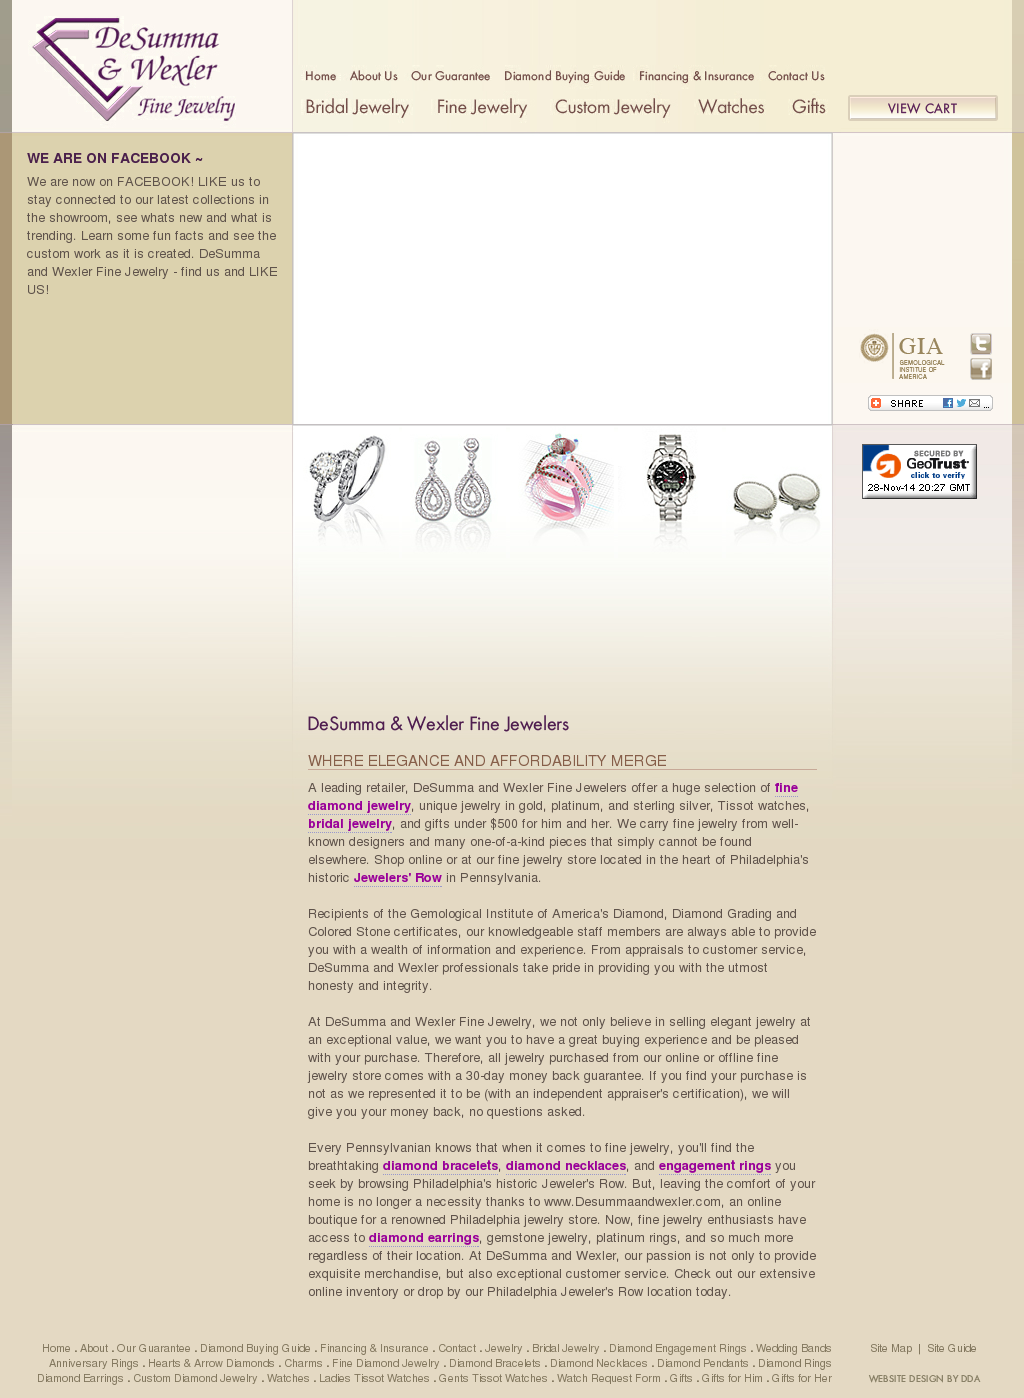 Desumma Wexler Fine Jewelry Competitors, Revenue and